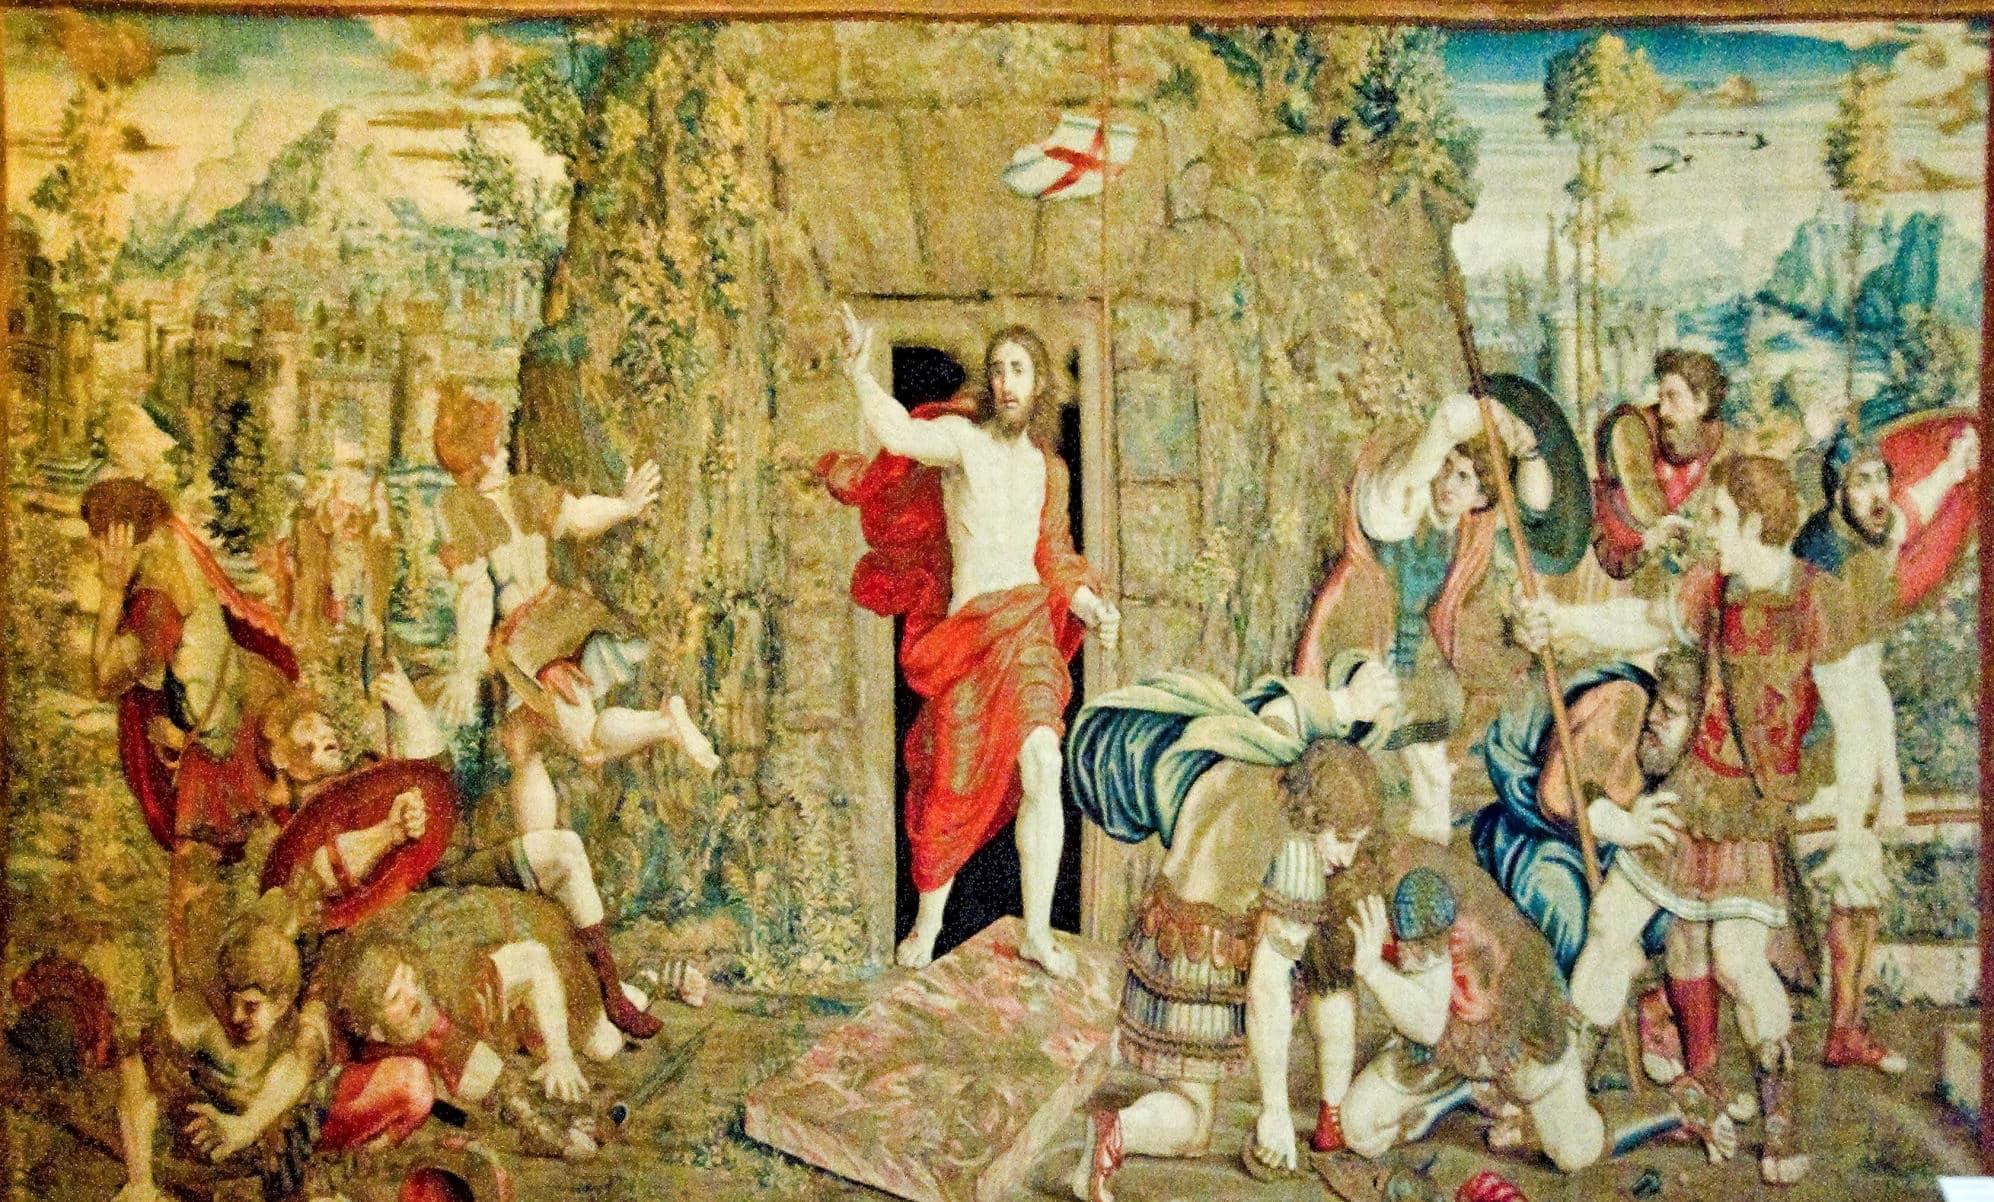 İsa'nın çarmıha gerilmesinden sonra dirilişini konu alan dev halı - Halılar Galerisi